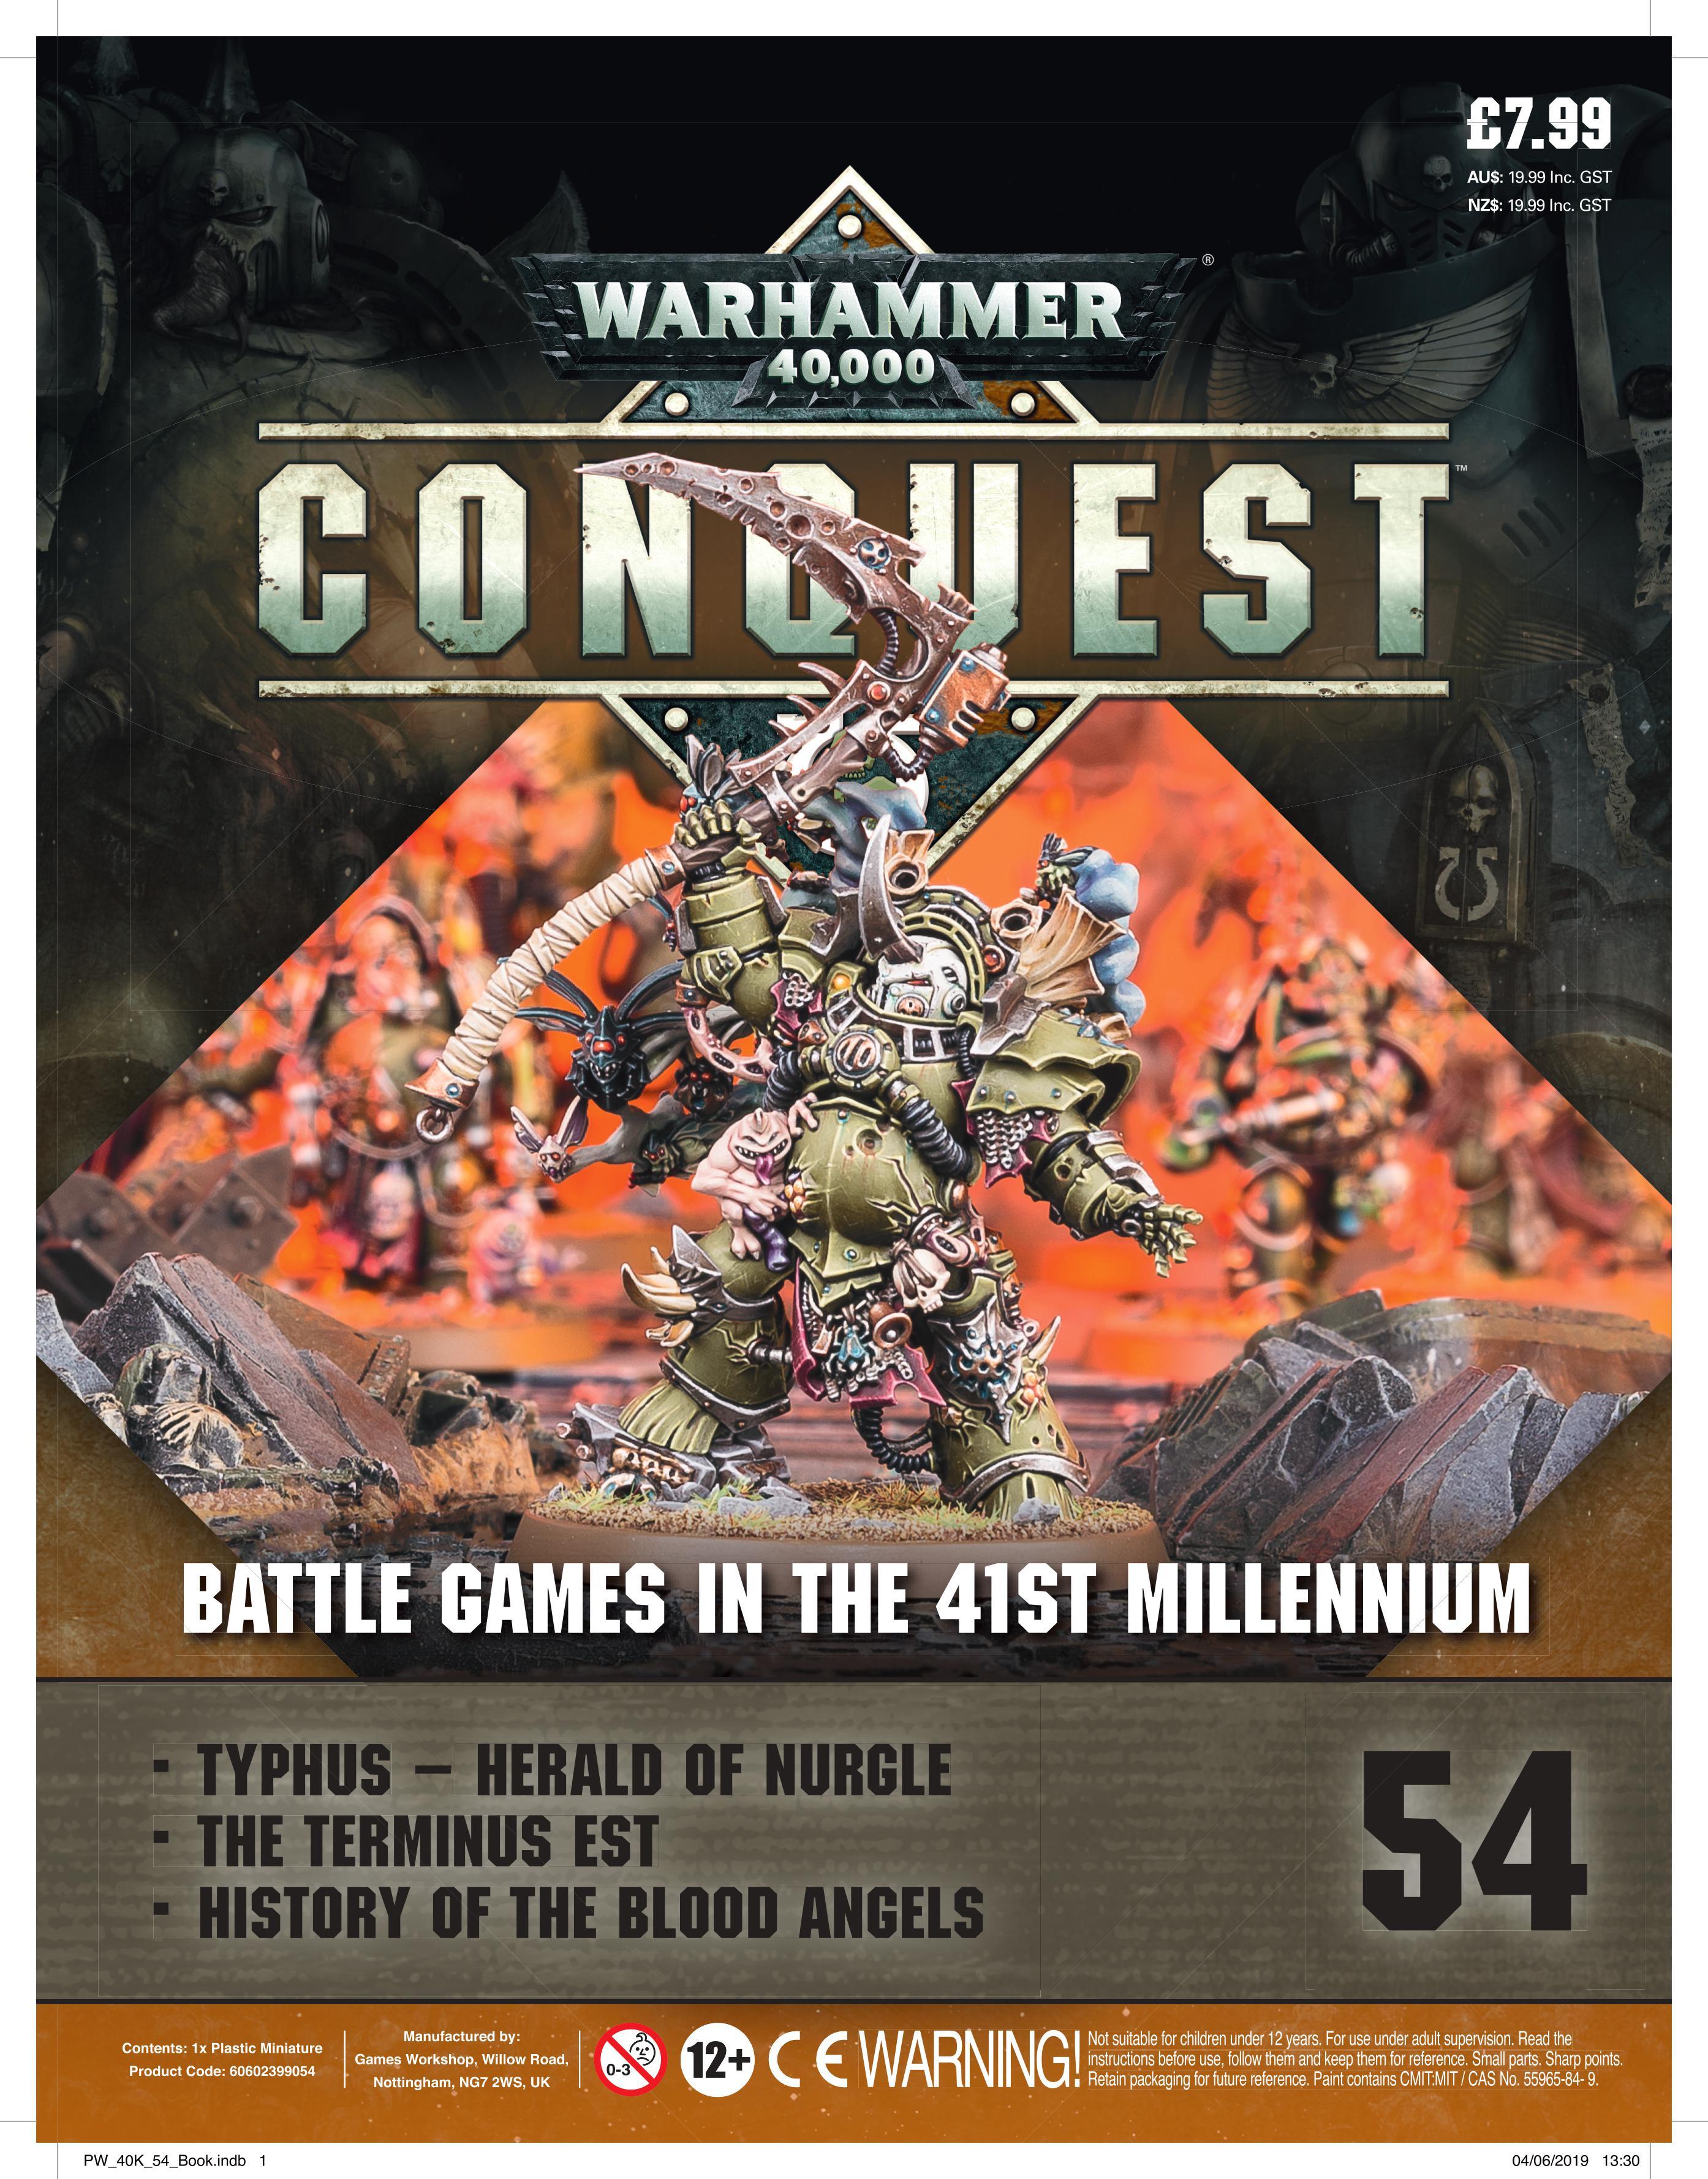 Warhammer 40K: Conquest: Figurine Collection #54